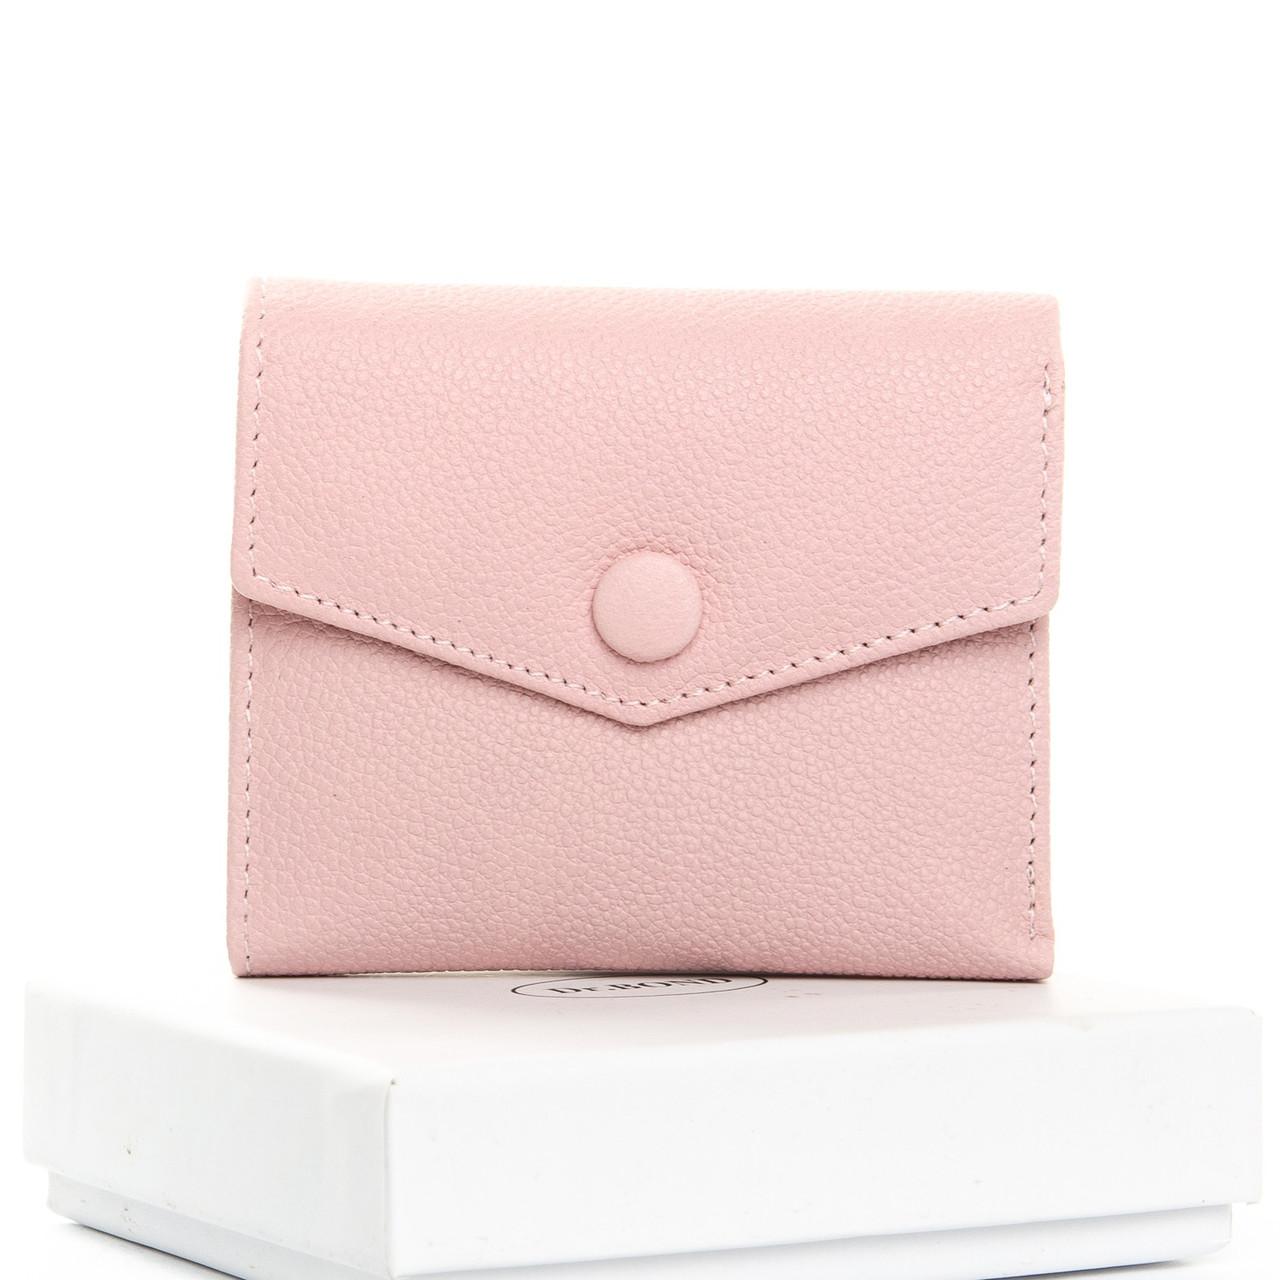 Женский кошелек кожаный на кнопке маленький розовый Dr. Bond WS-20